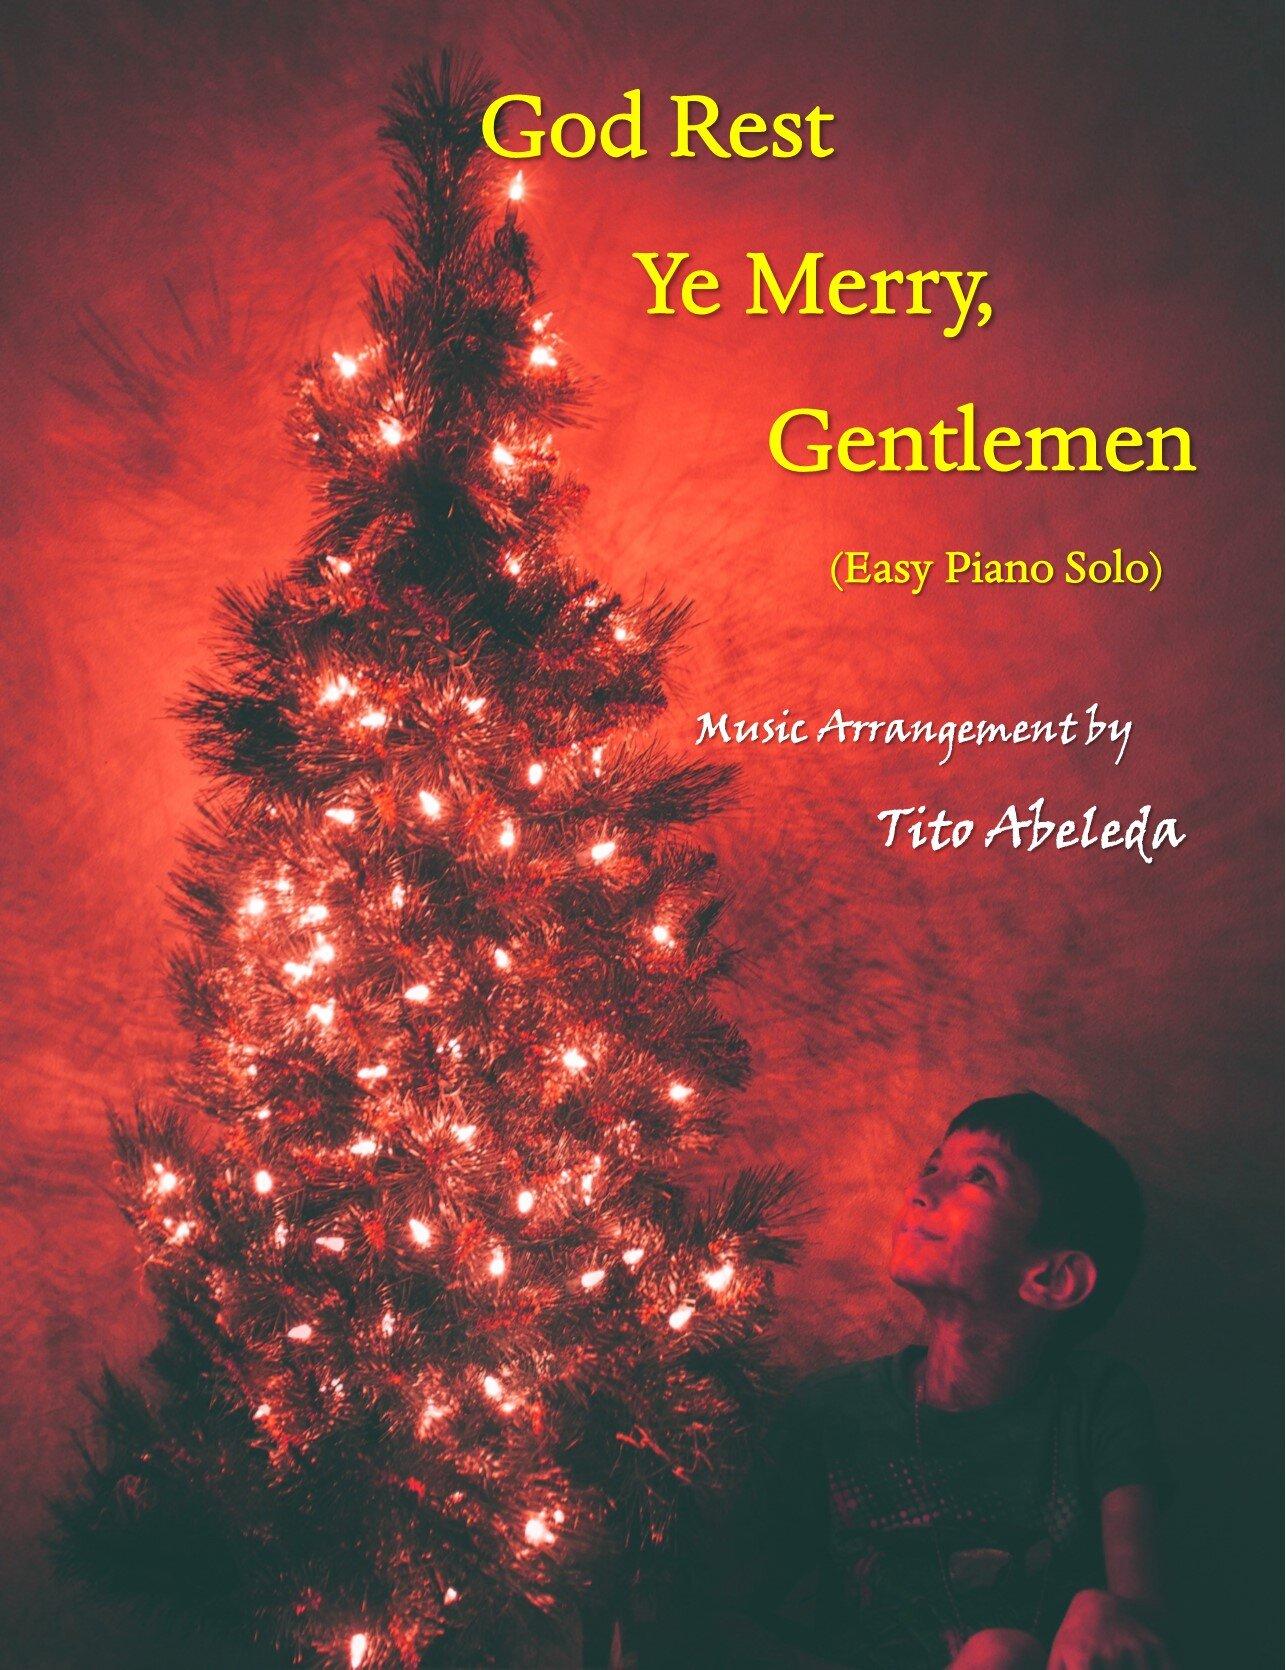 God Rest Ye Merry, Gentlemen (Easy Piano Solo)